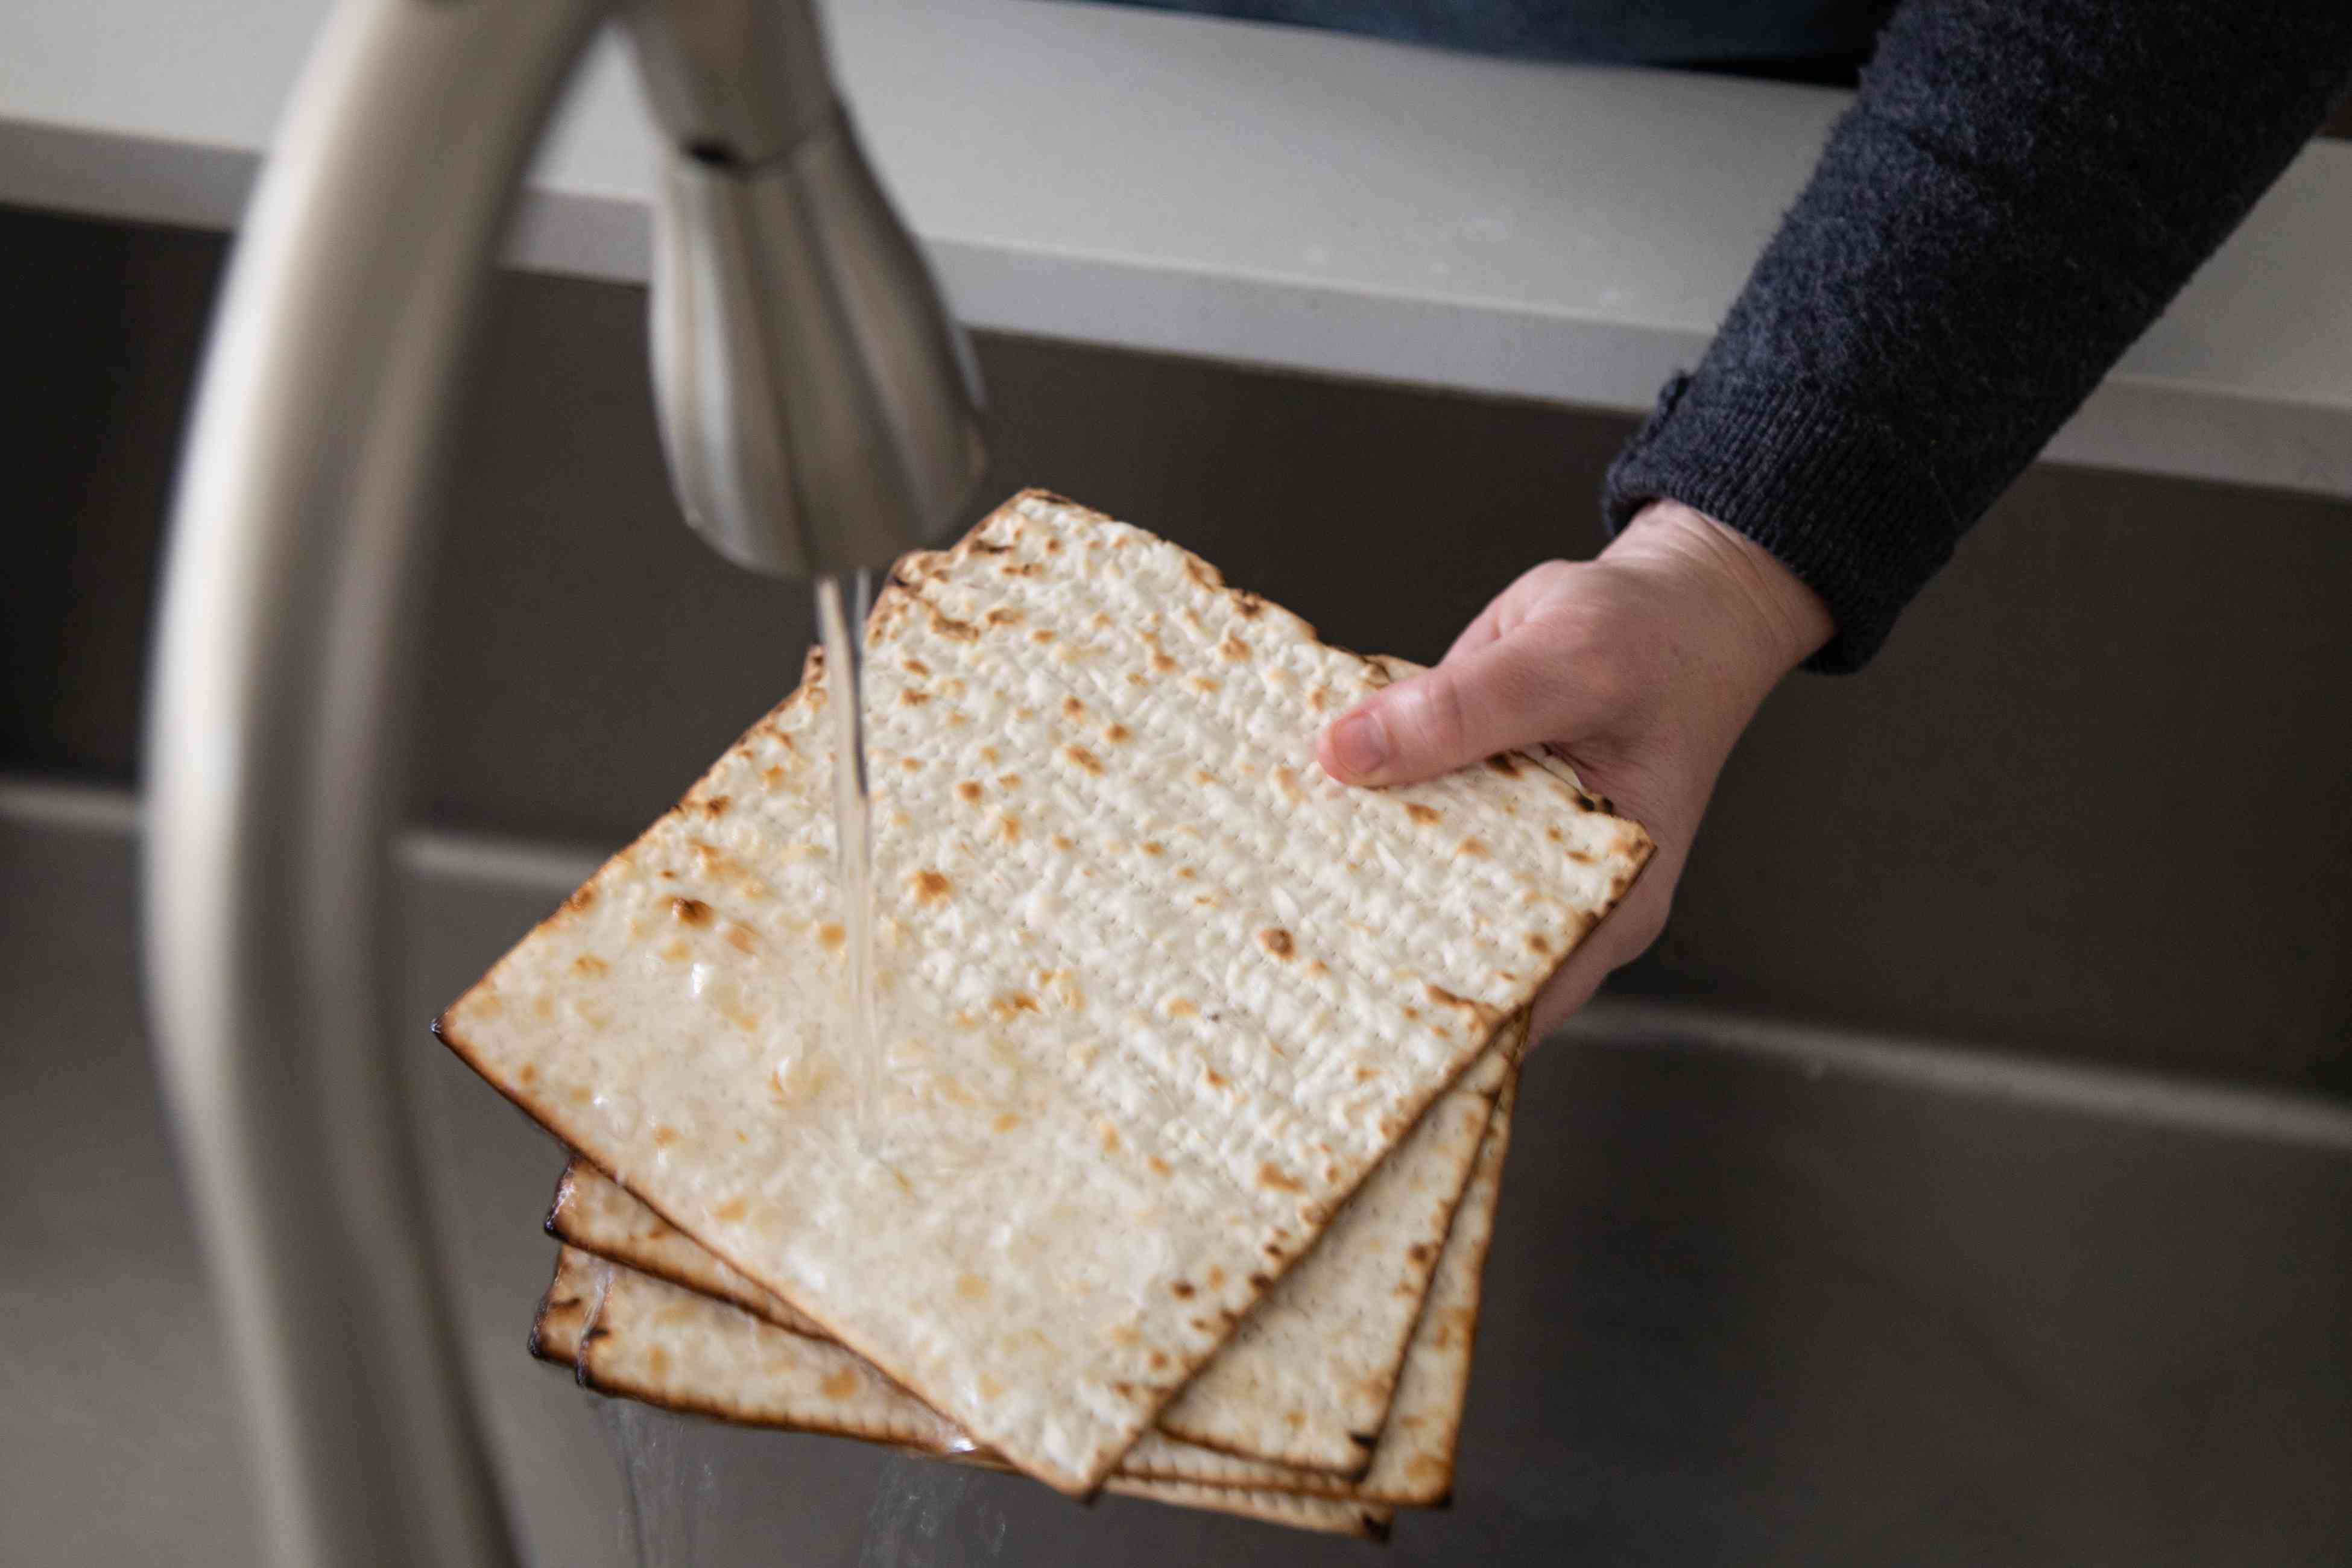 Running water over matzo crackers.